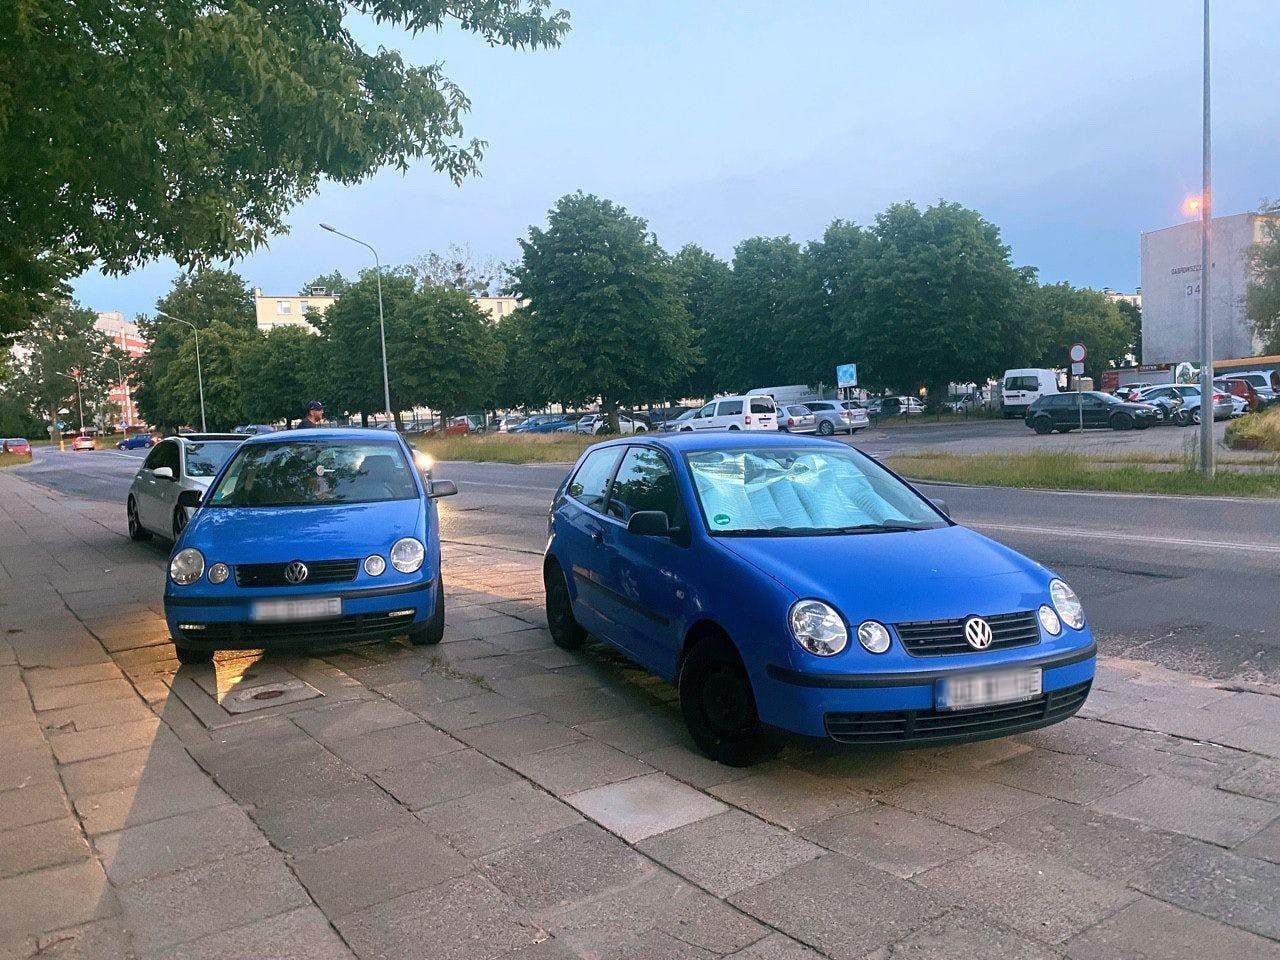 Spotkała na ulicy identyczne auto do swojego. Miało te same numery rejestracyjne